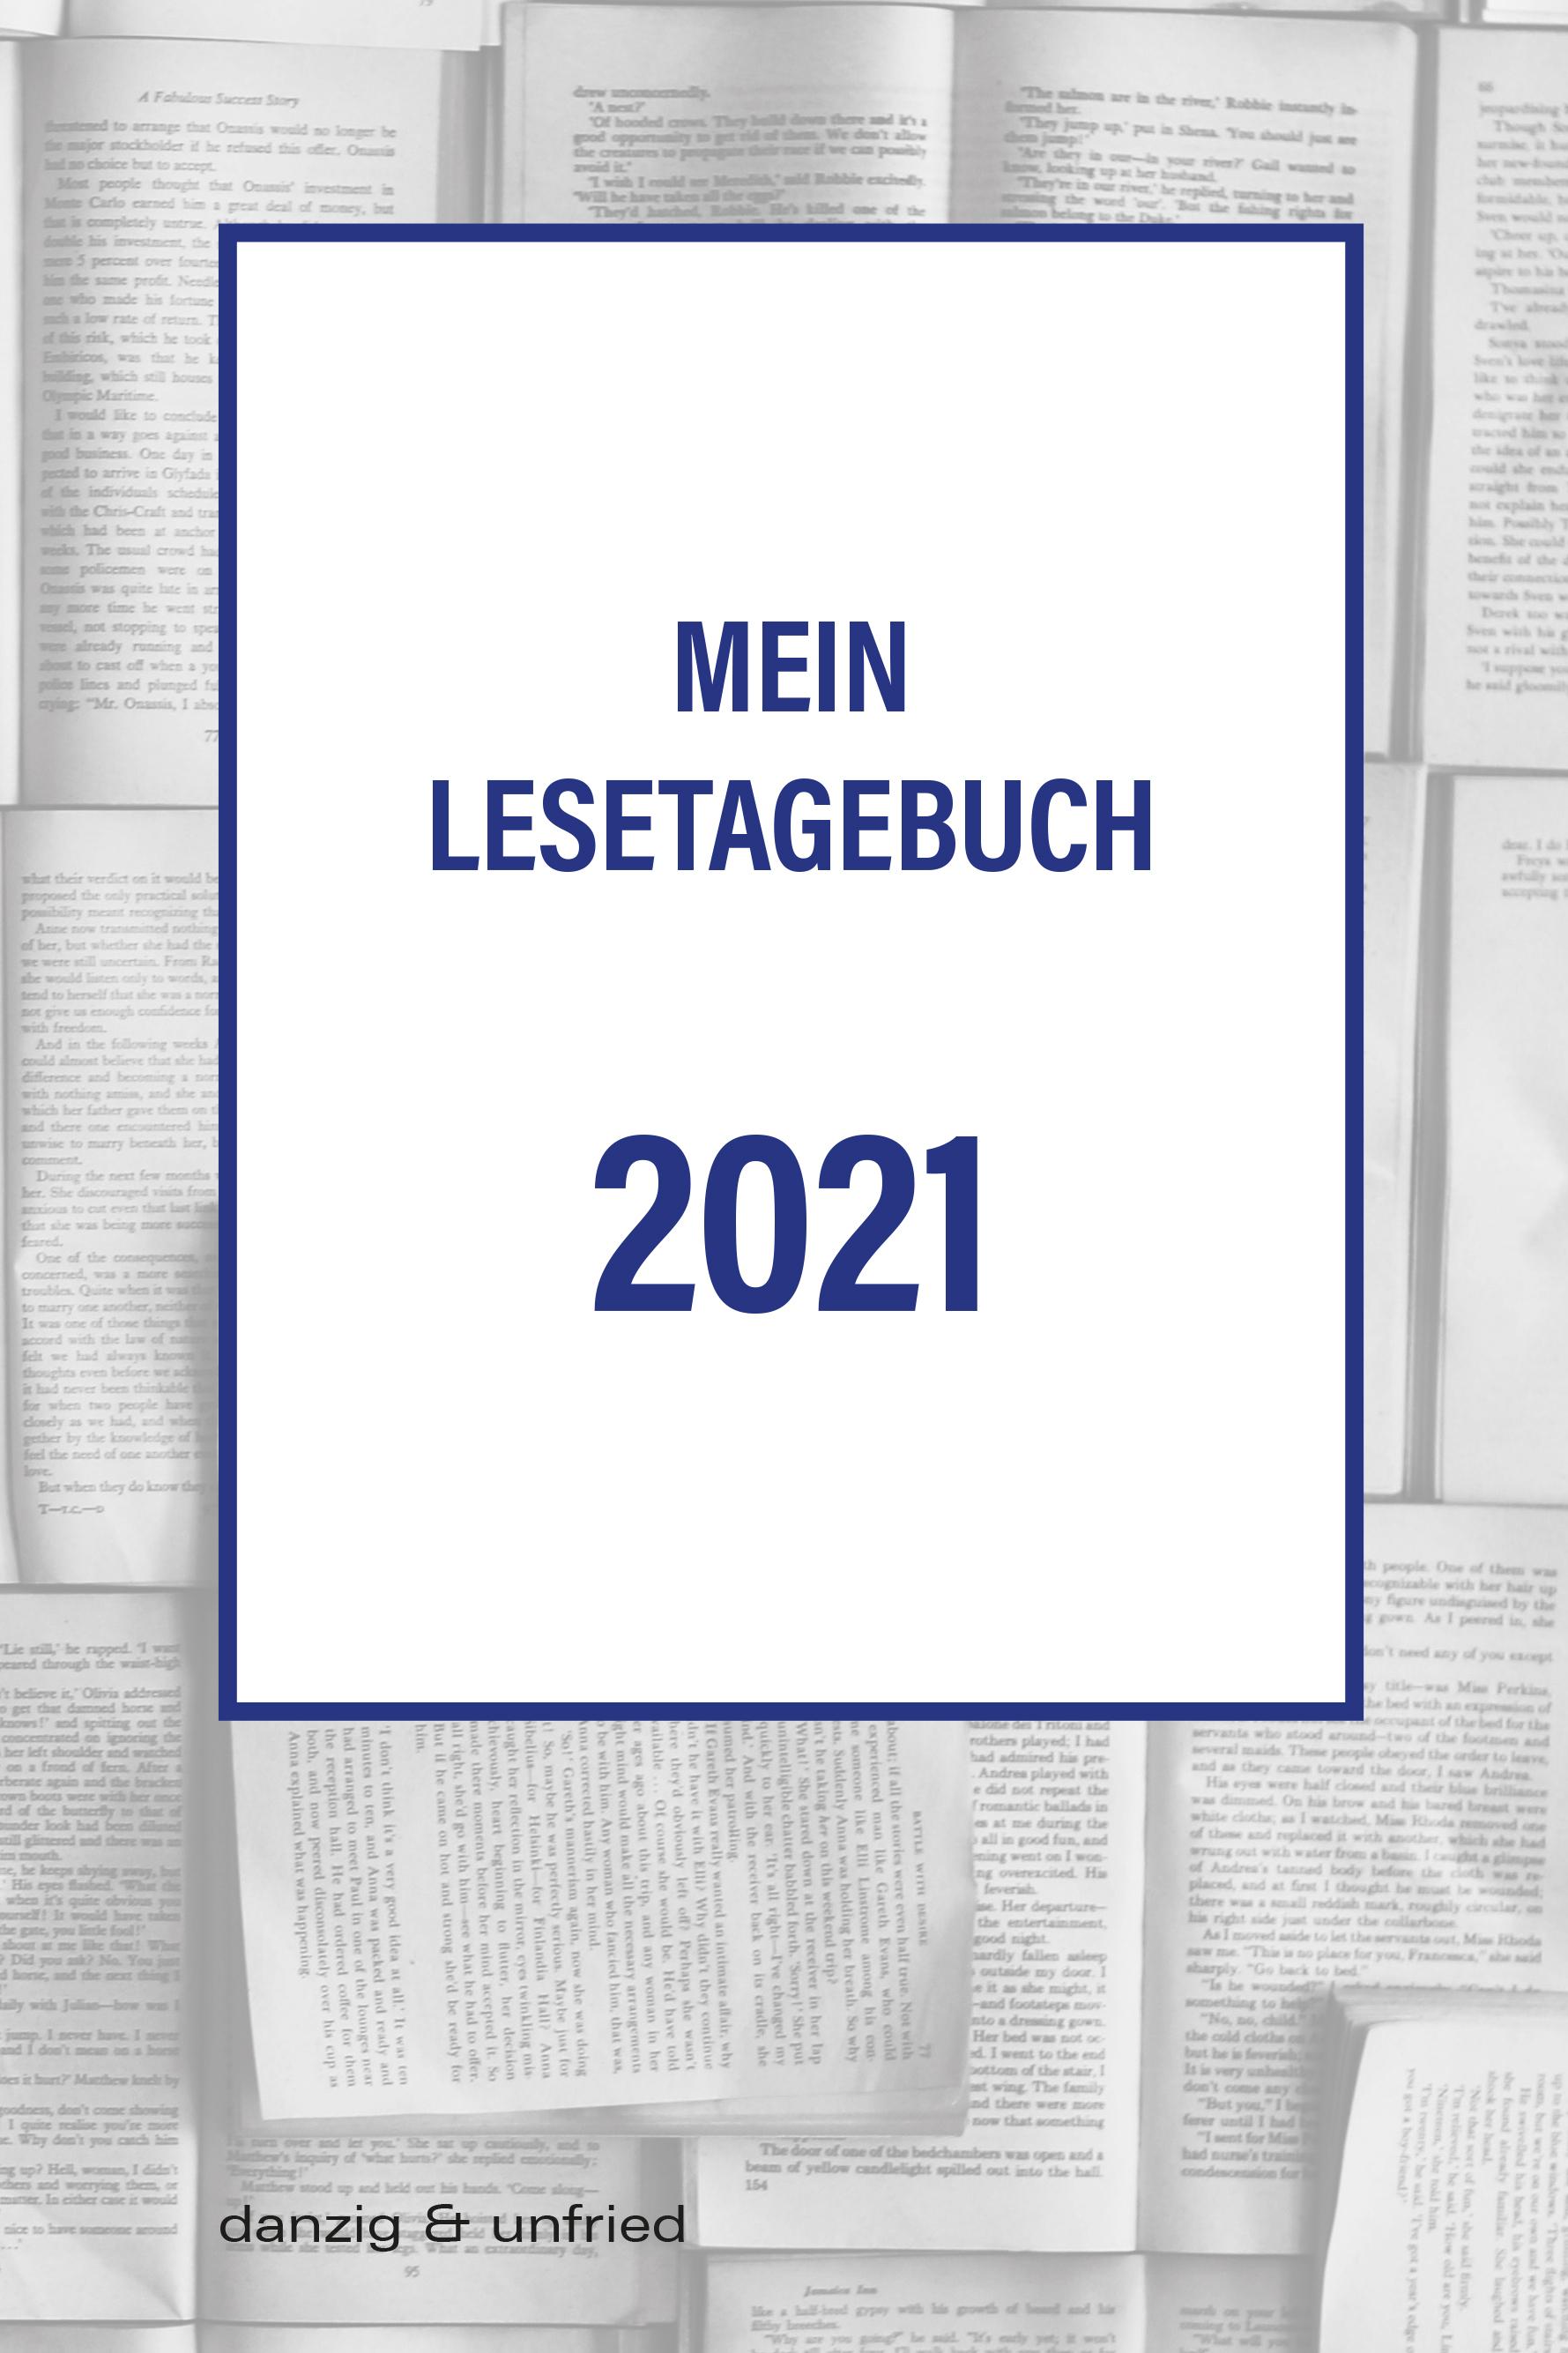 Mein Lesetagebuch 2021